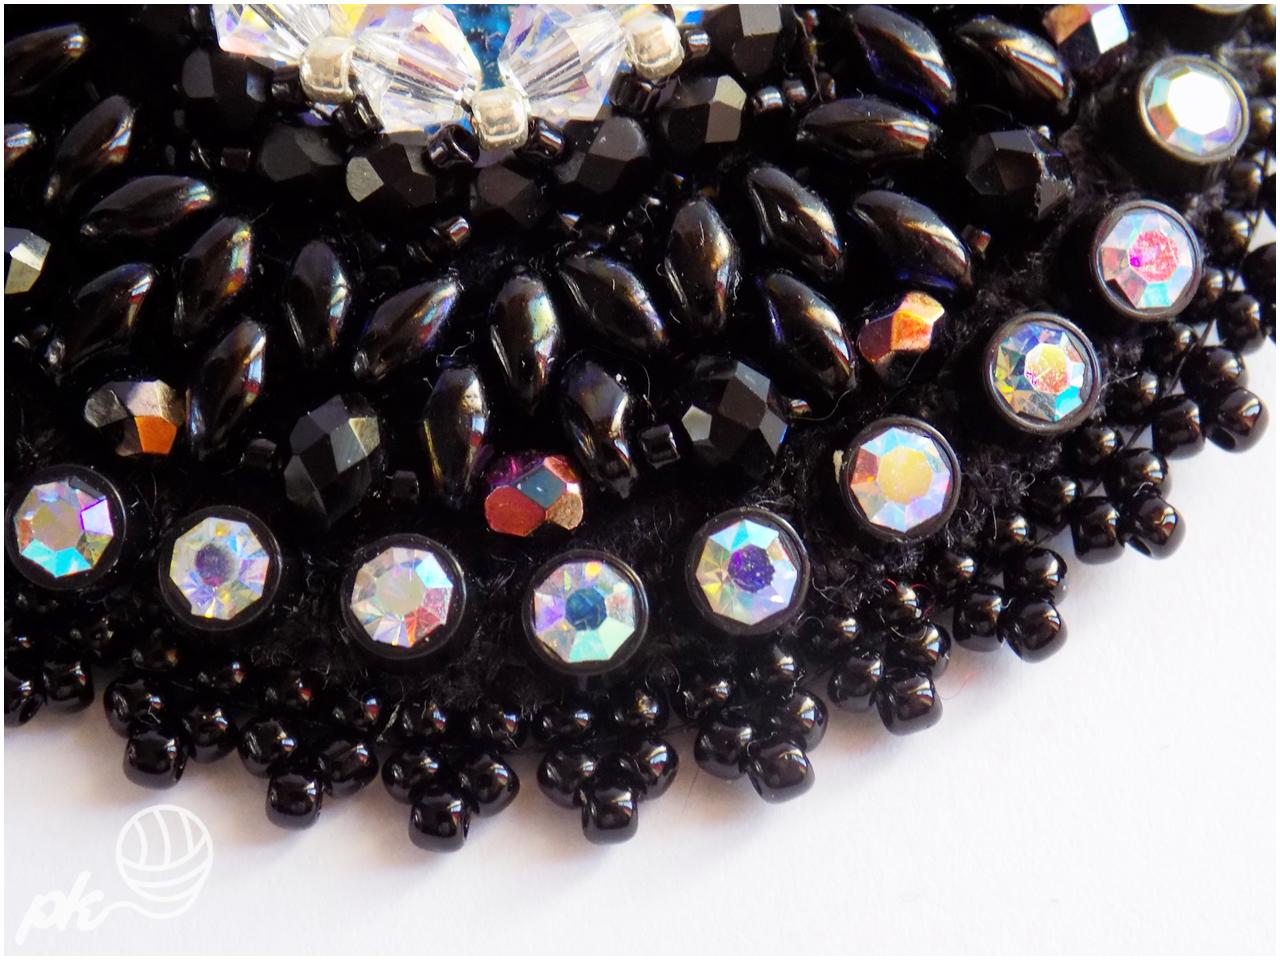 biżuteria, rękodzieło, wisior, kolczyki, rivoli, Swarovski, chwost, komplet, kryształki, elegancja, czerń, handmade, taśma cyrkoniowa